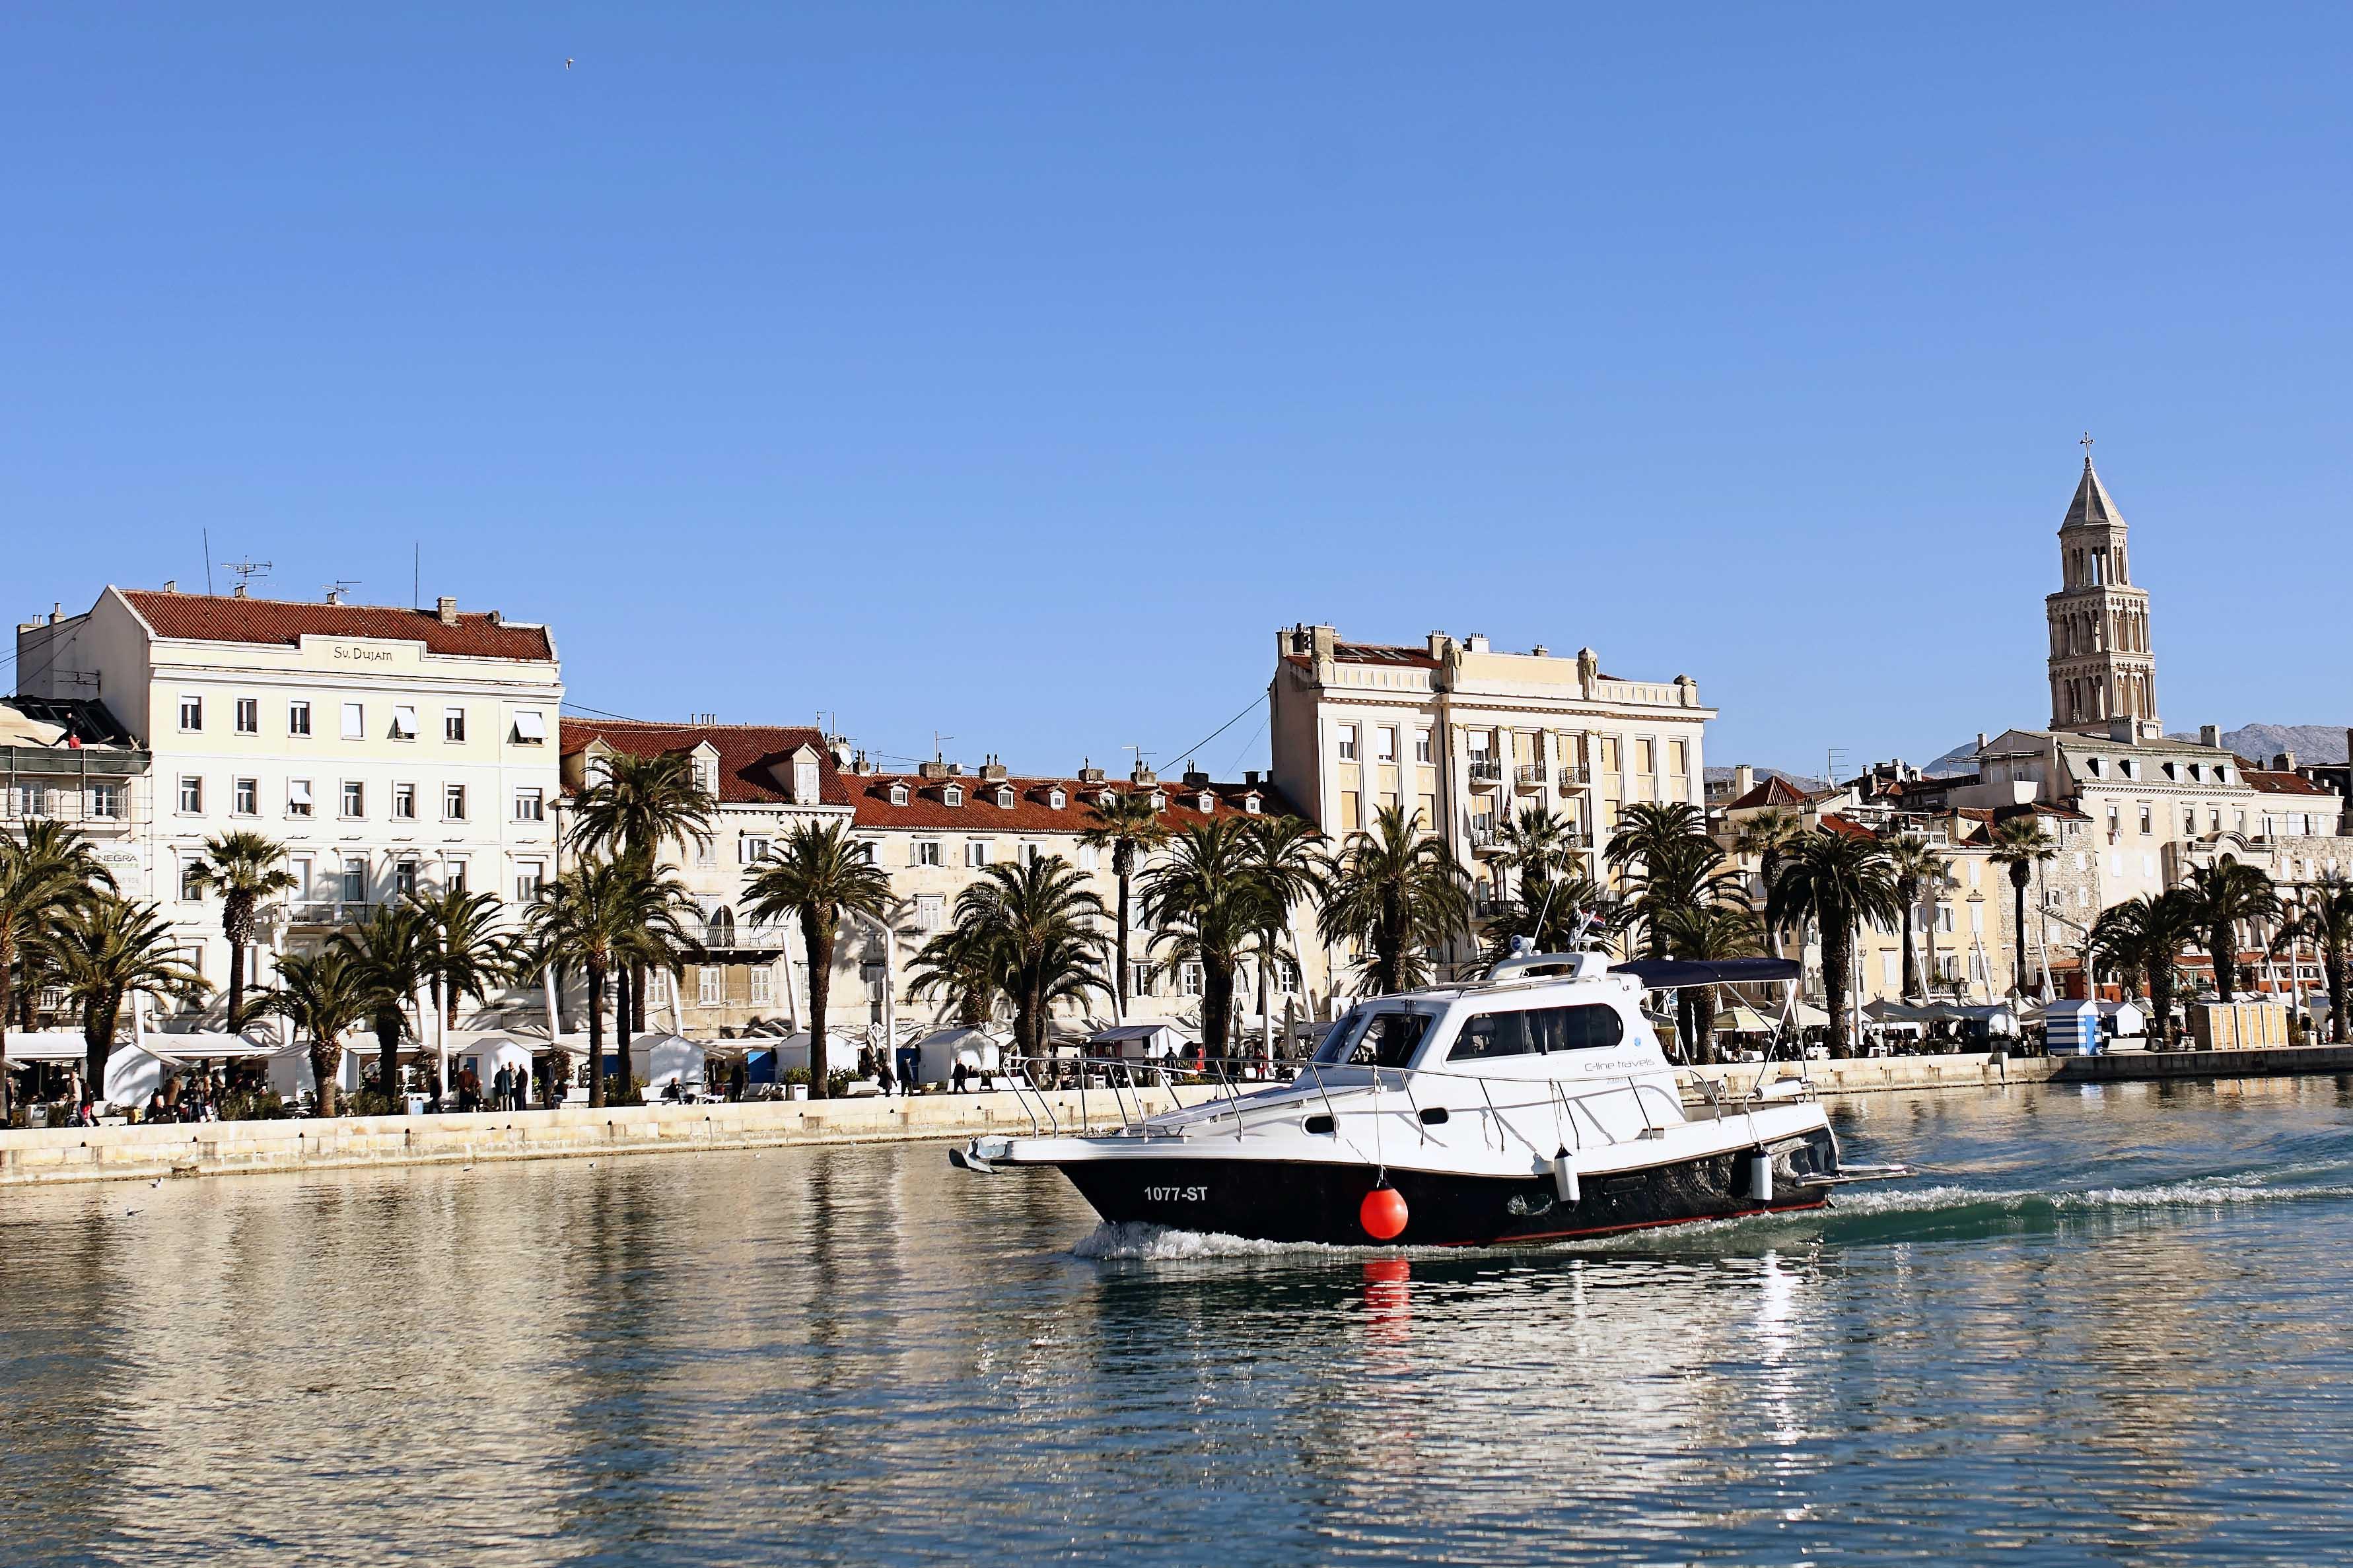 Croatia, Split. Damor Fjera 980